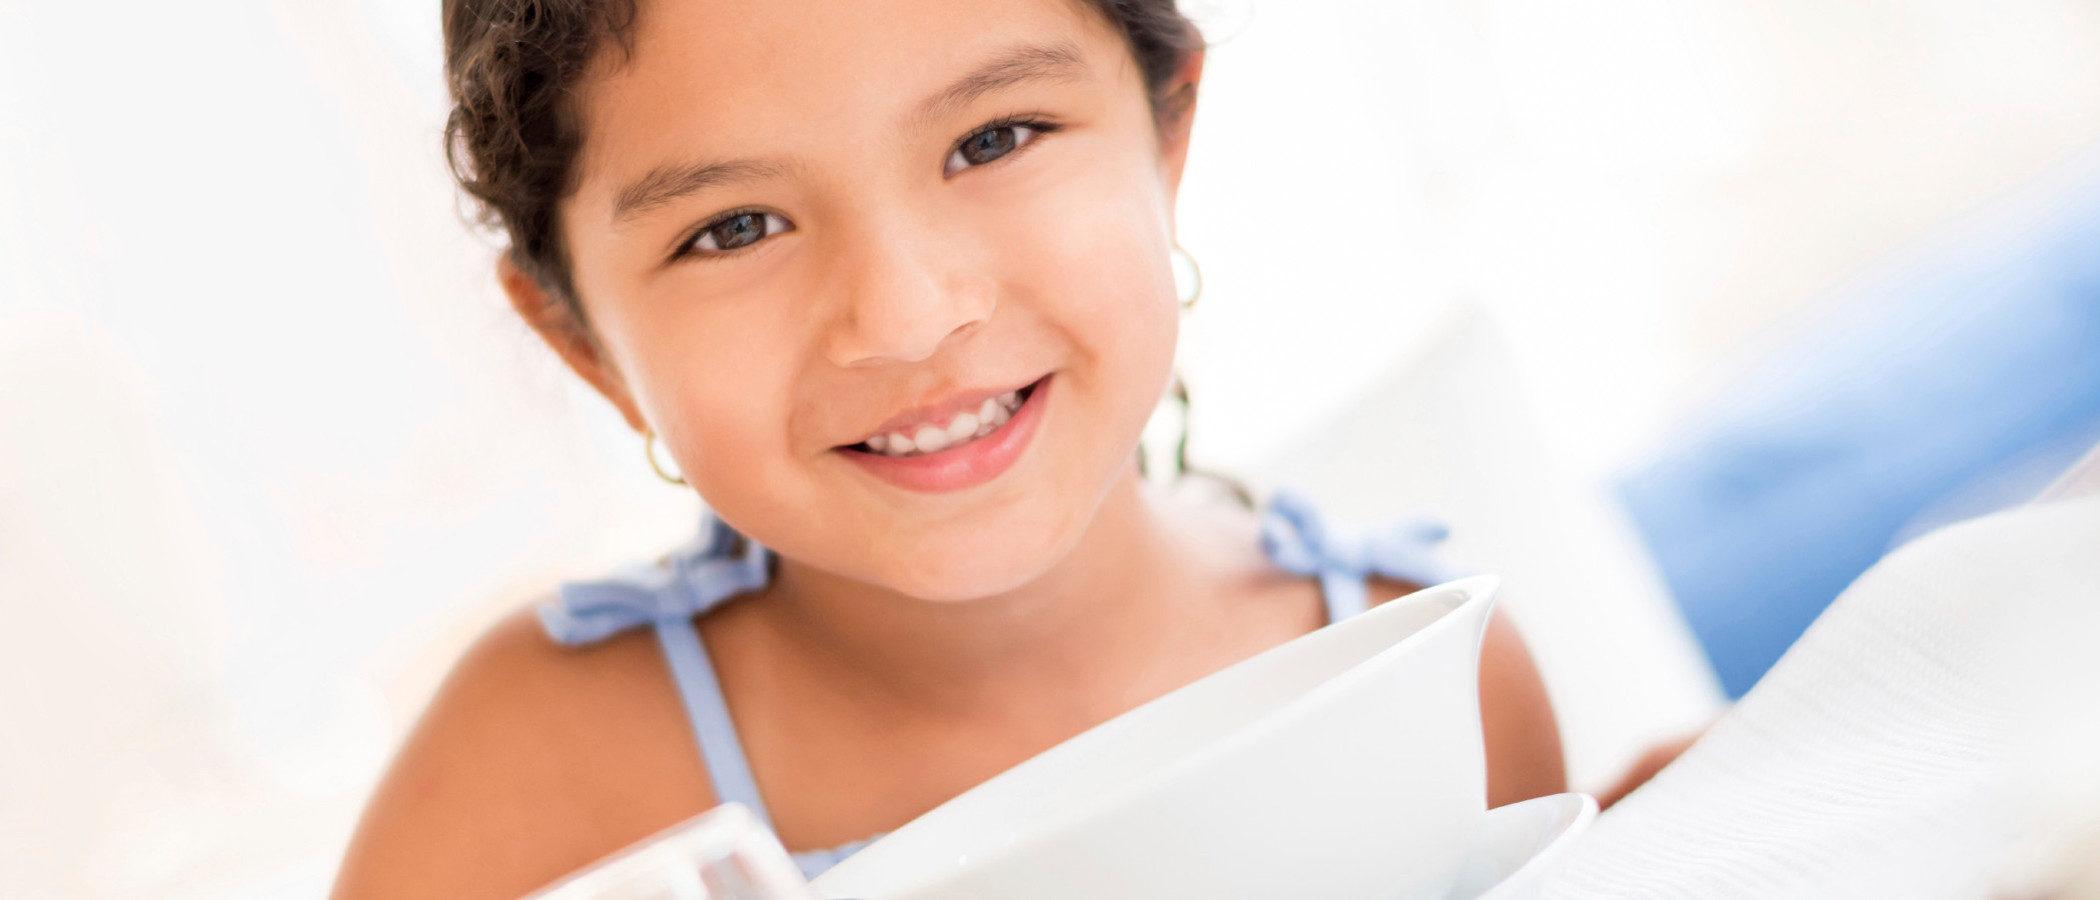 5 desayunos rápidos y nutritivos que puedes preparar a tus hijos